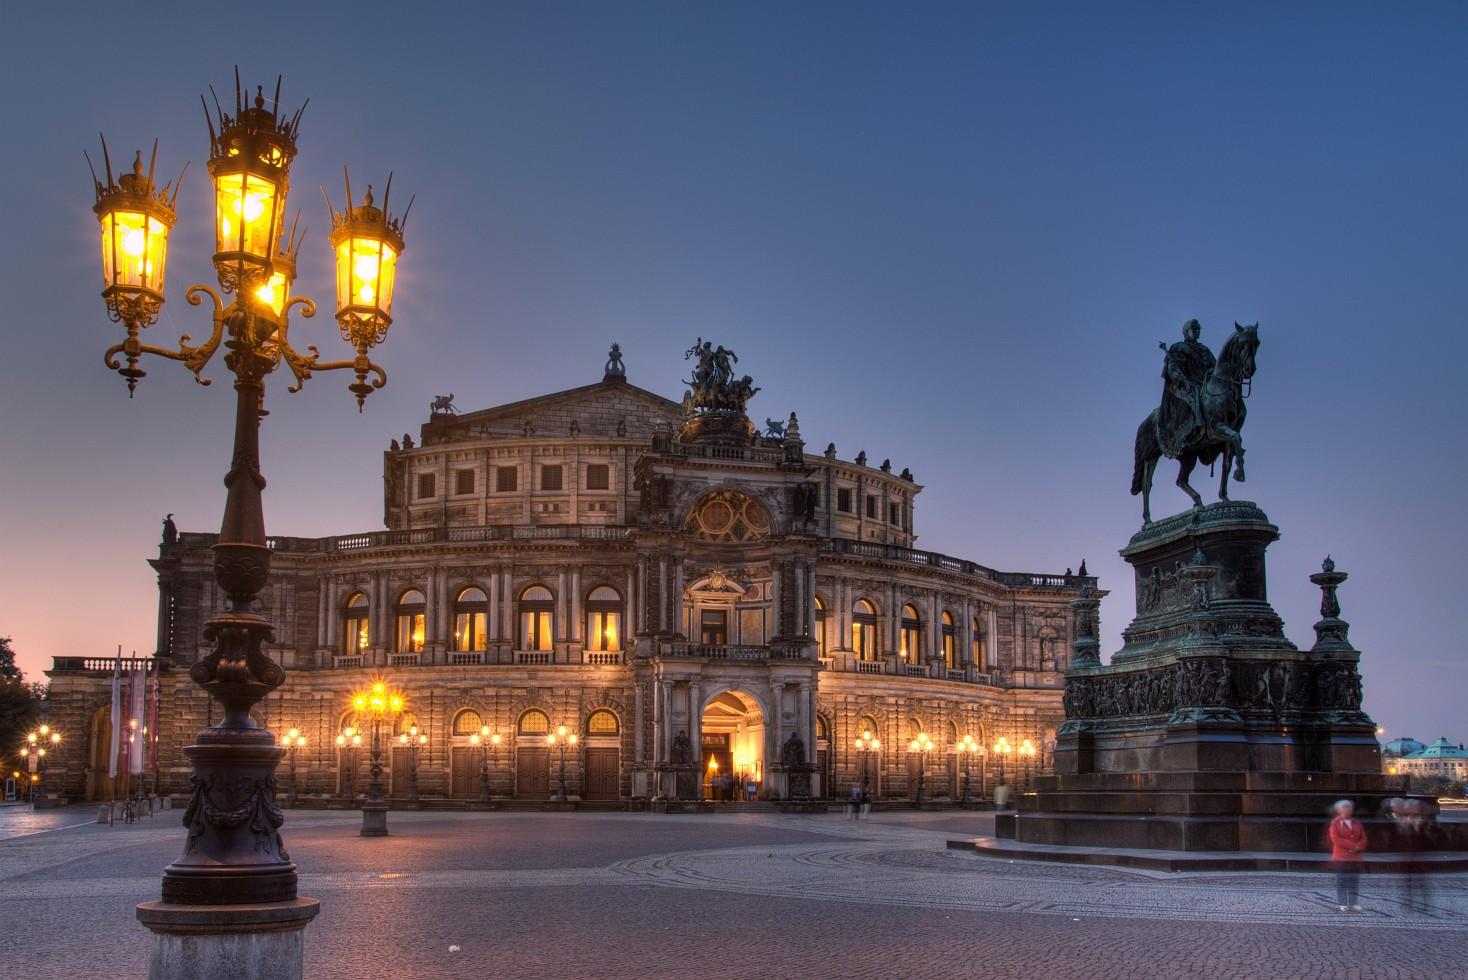 Дрезденская государственная опера, ранние сумерки